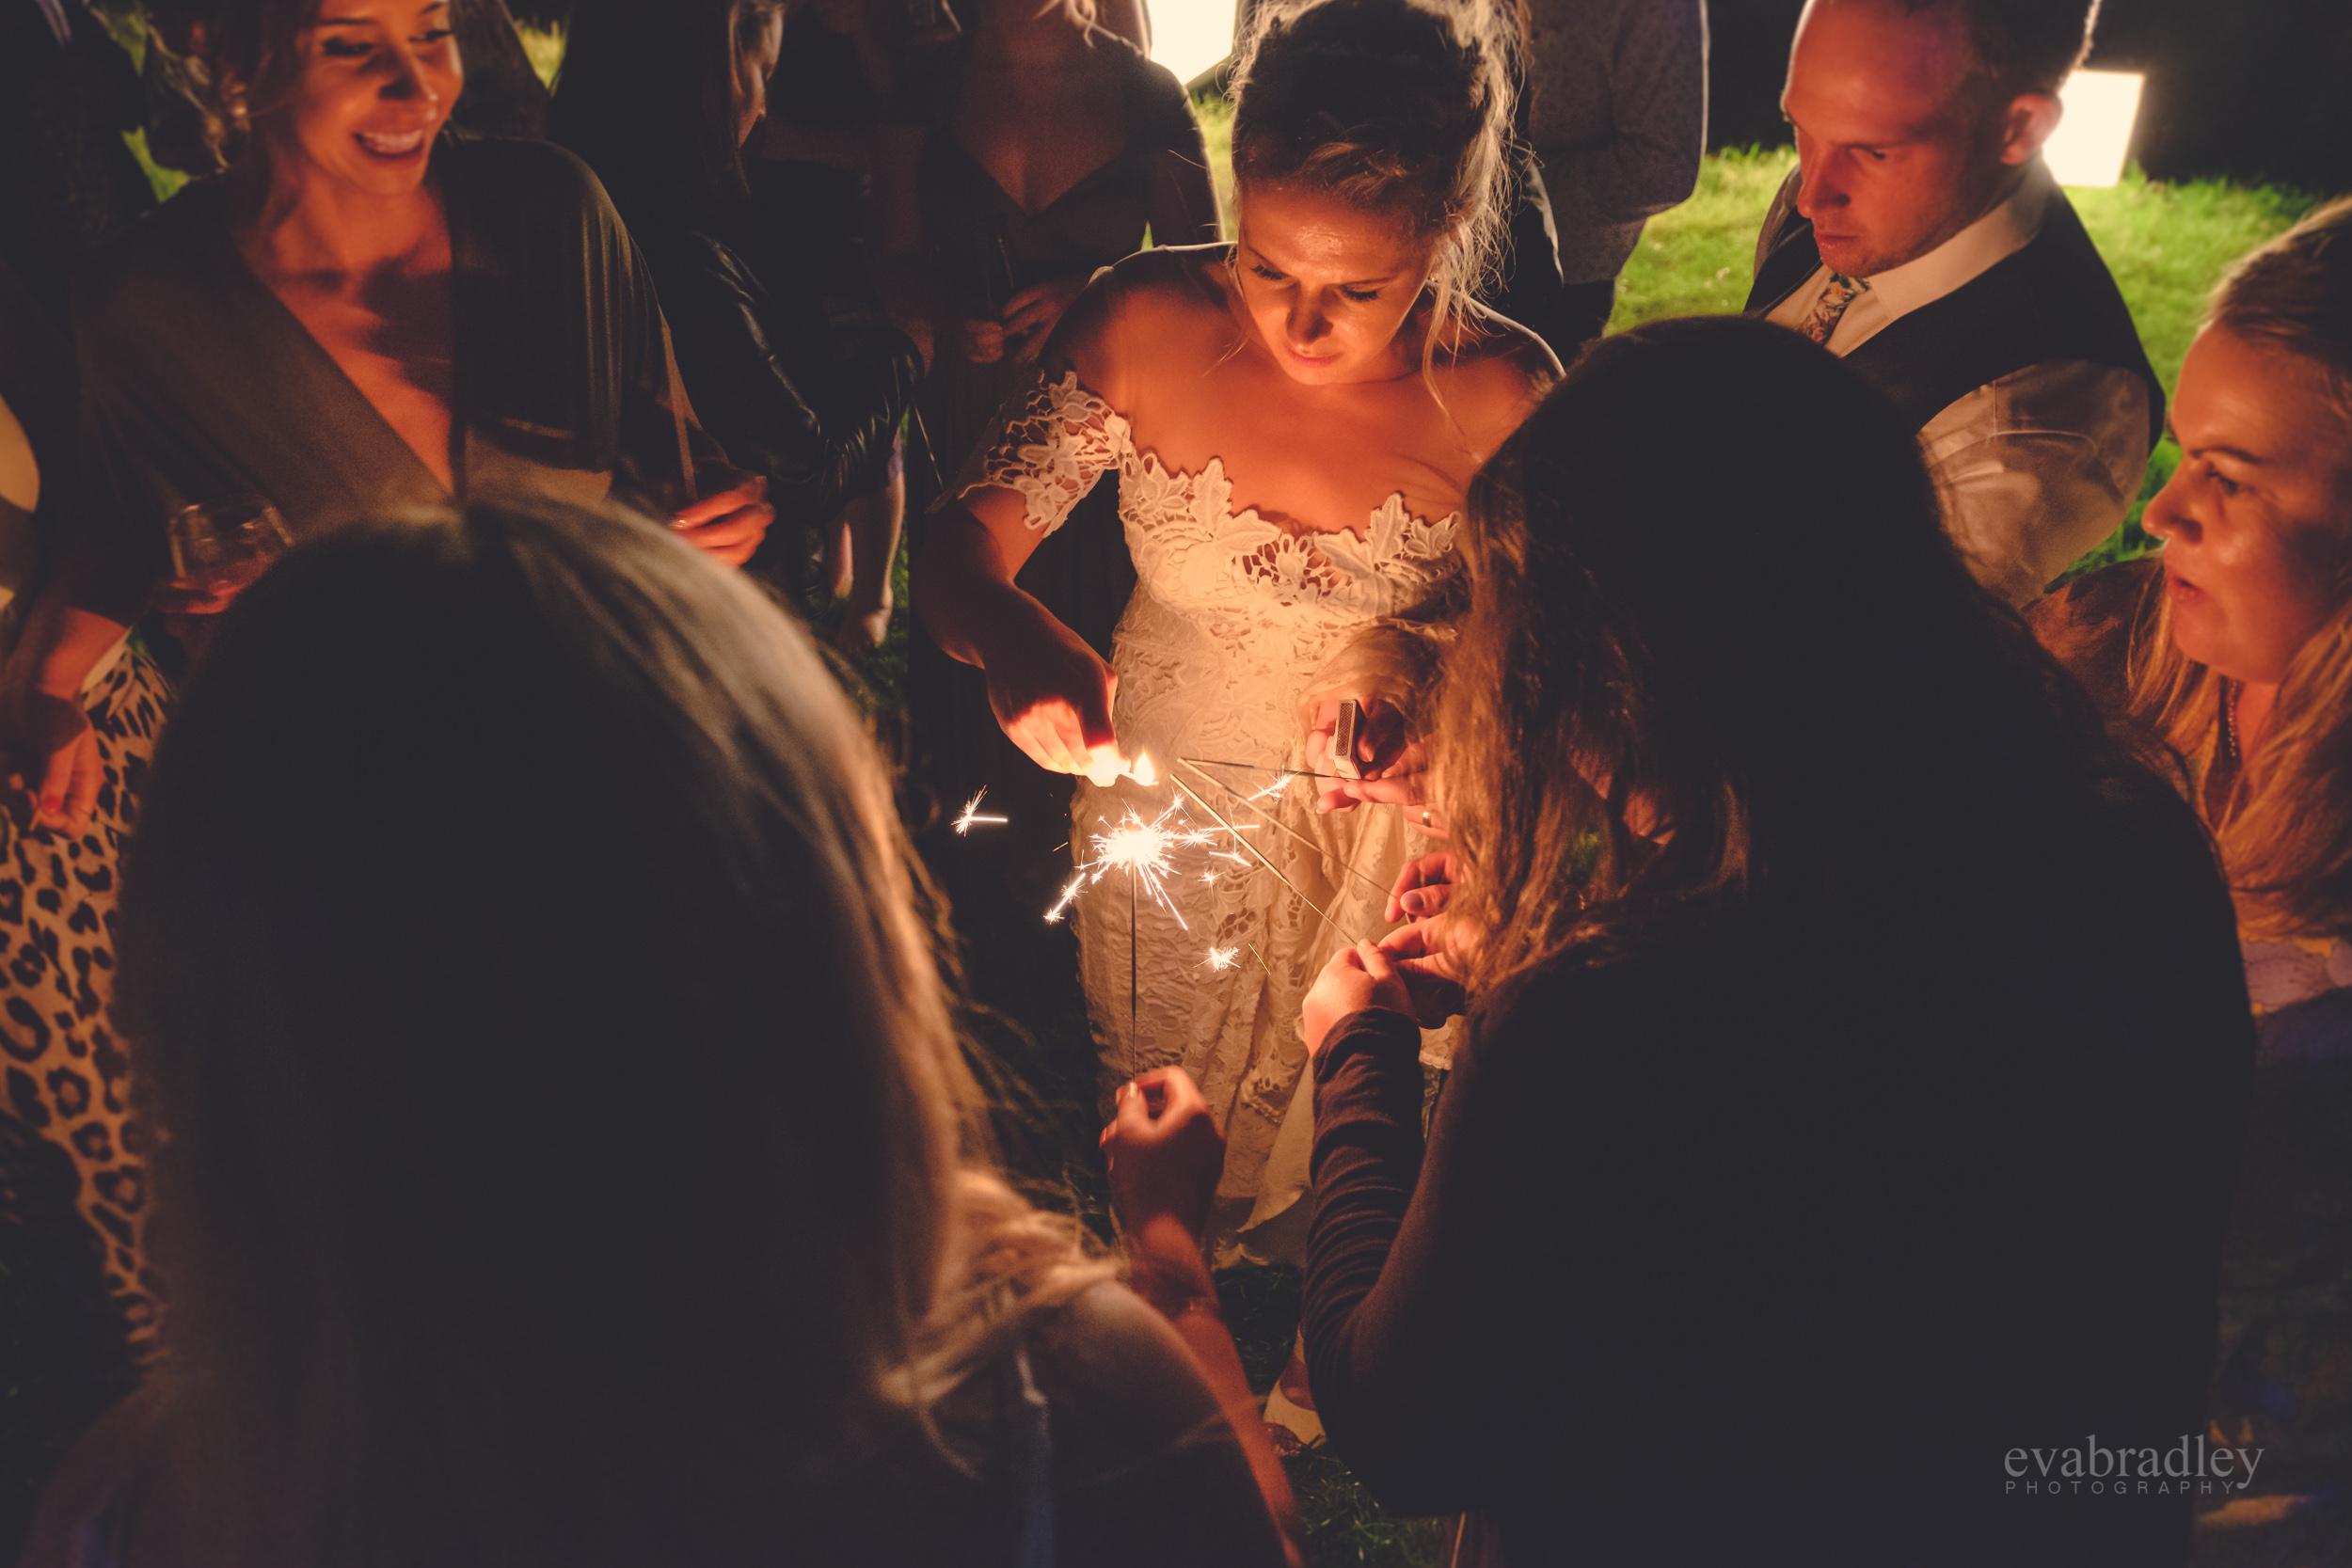 wedding-sparklers-hawkes-bay-nz